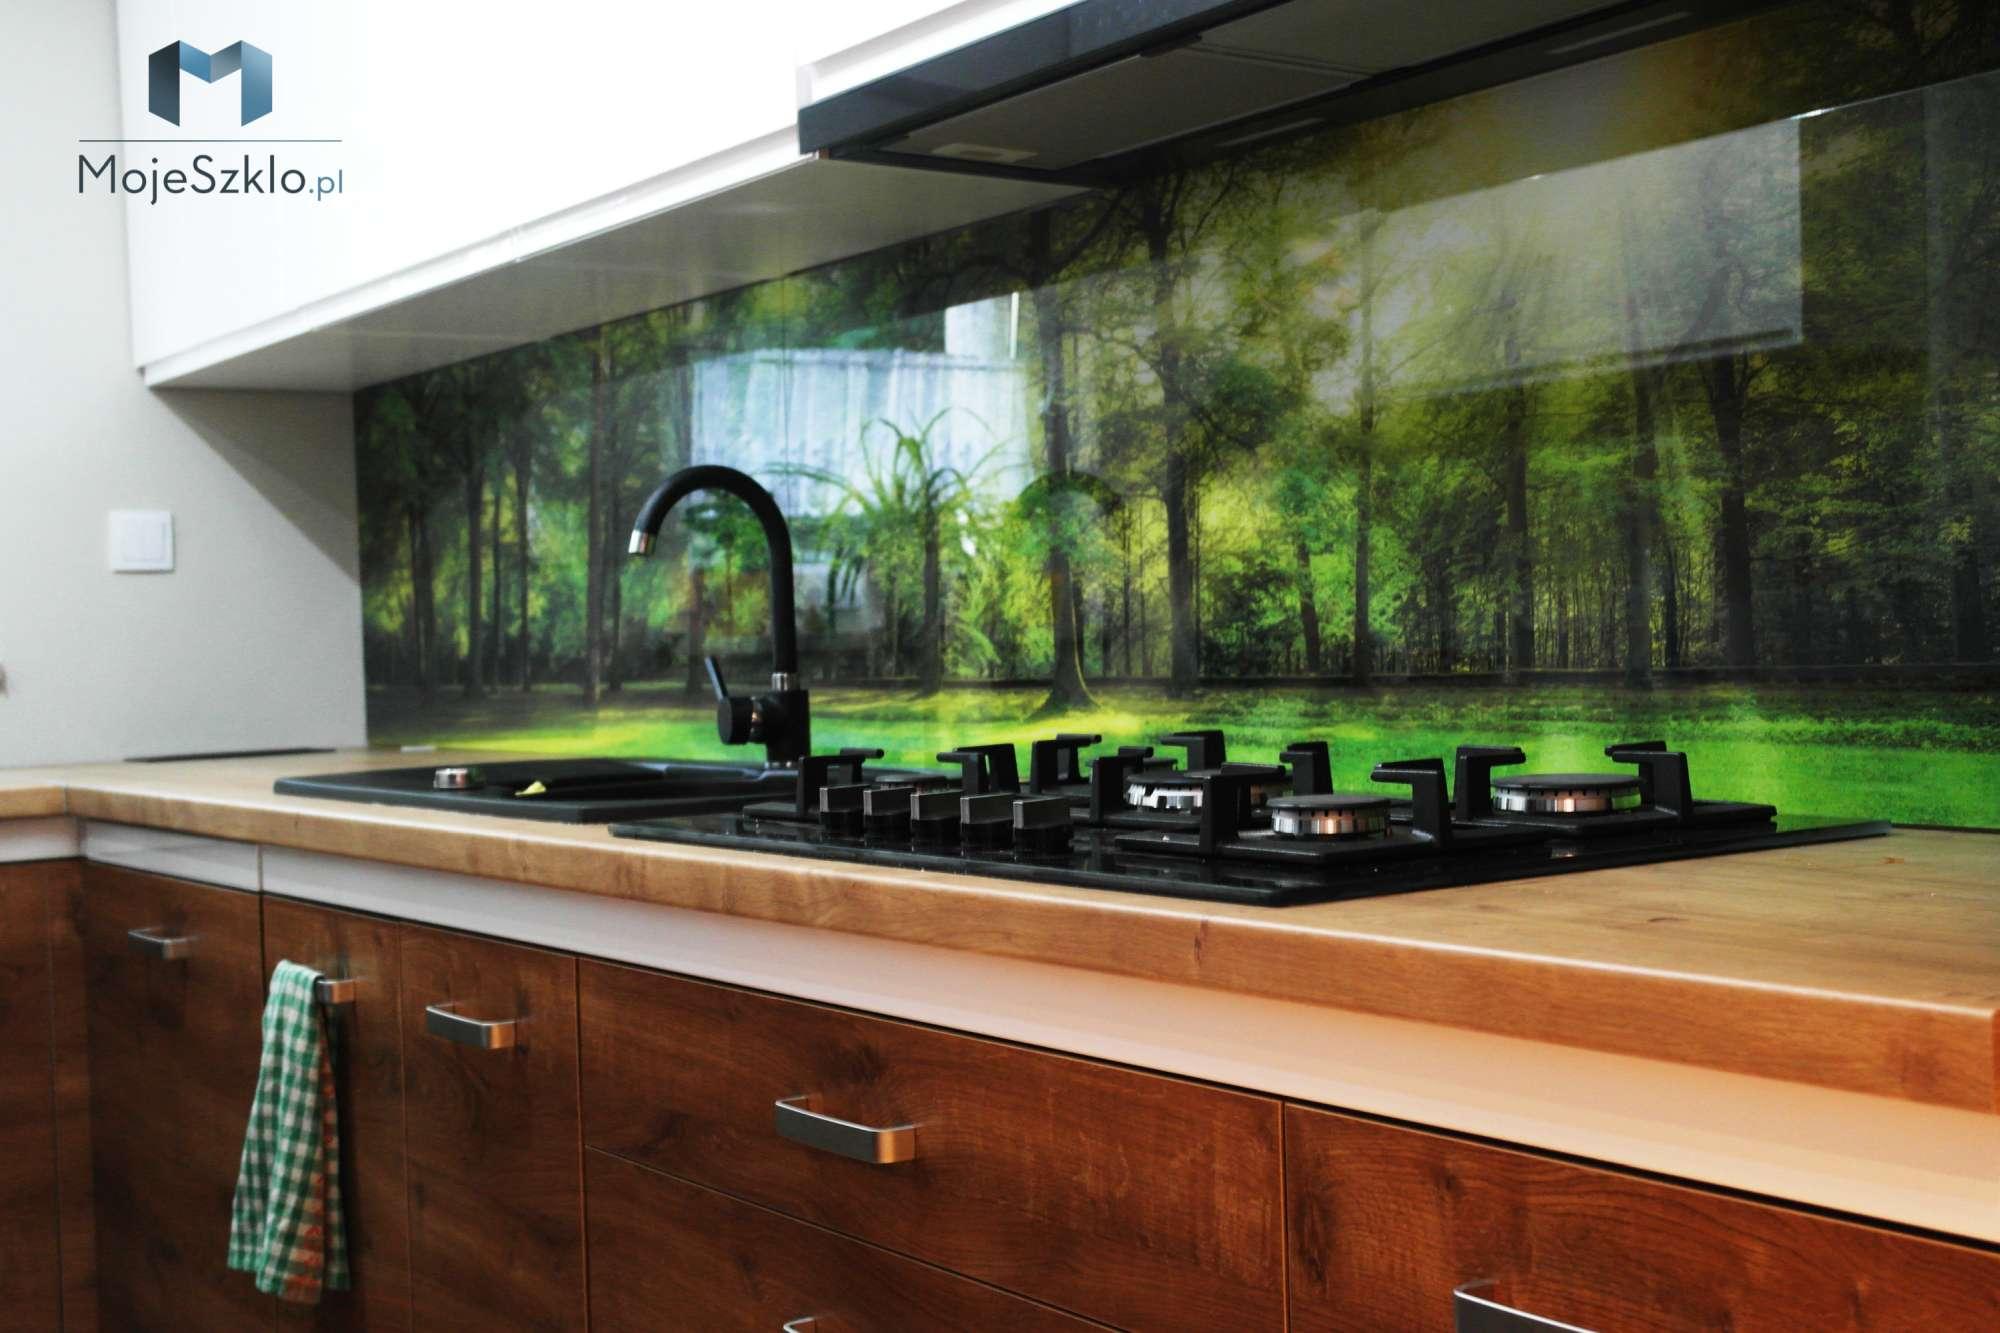 Szkło W Kuchni Krajobrazy I Lasy Mojeszklopl